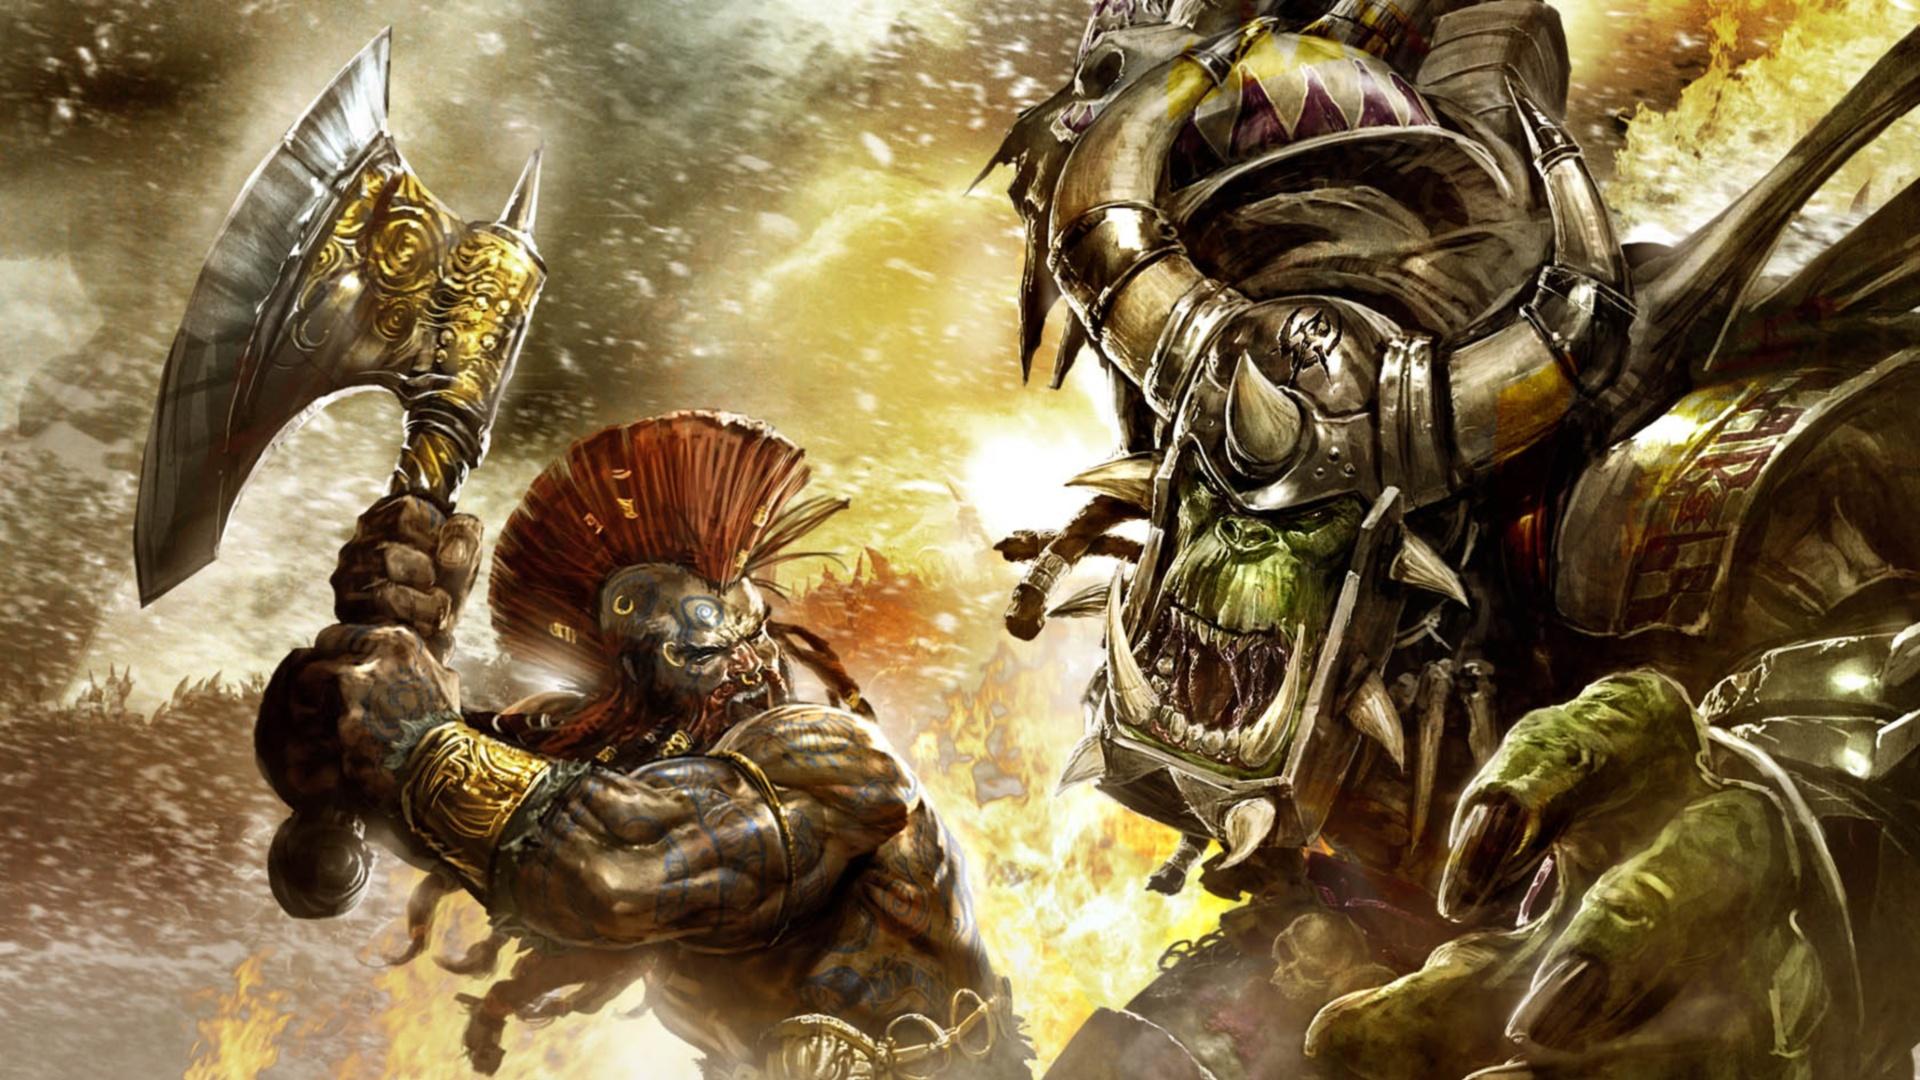 Imagen del universo Warhammer